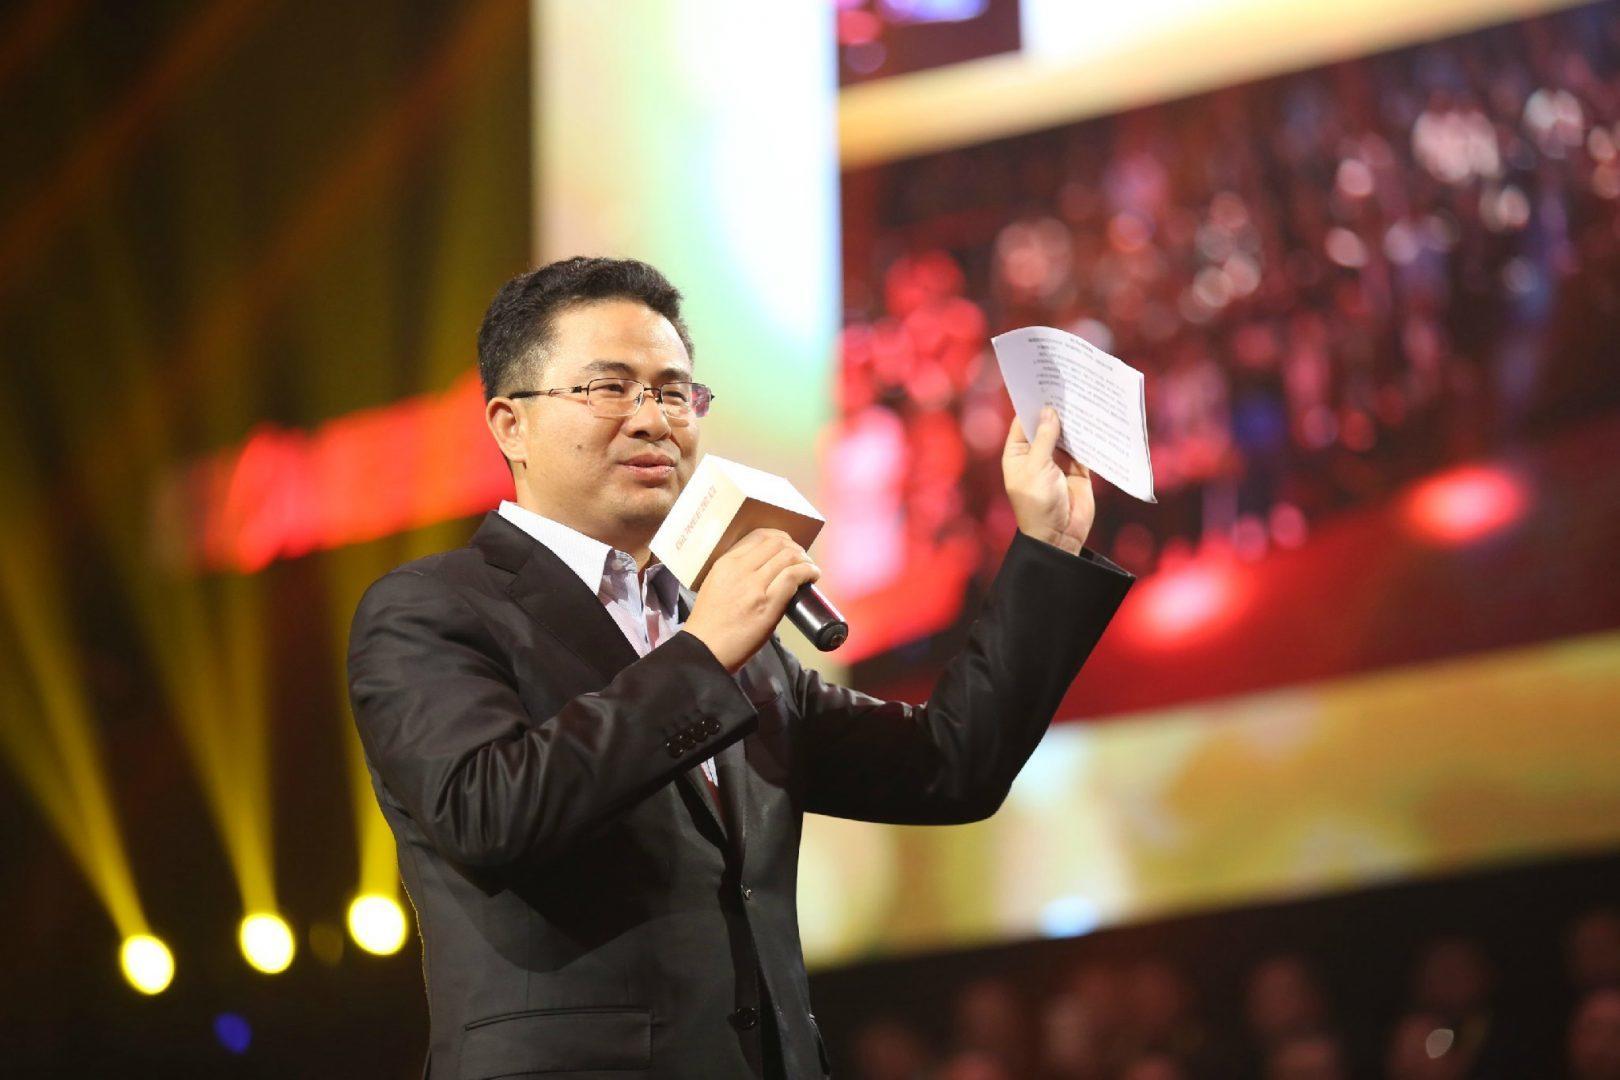 китайский миллиардер проиграл компанию в казино